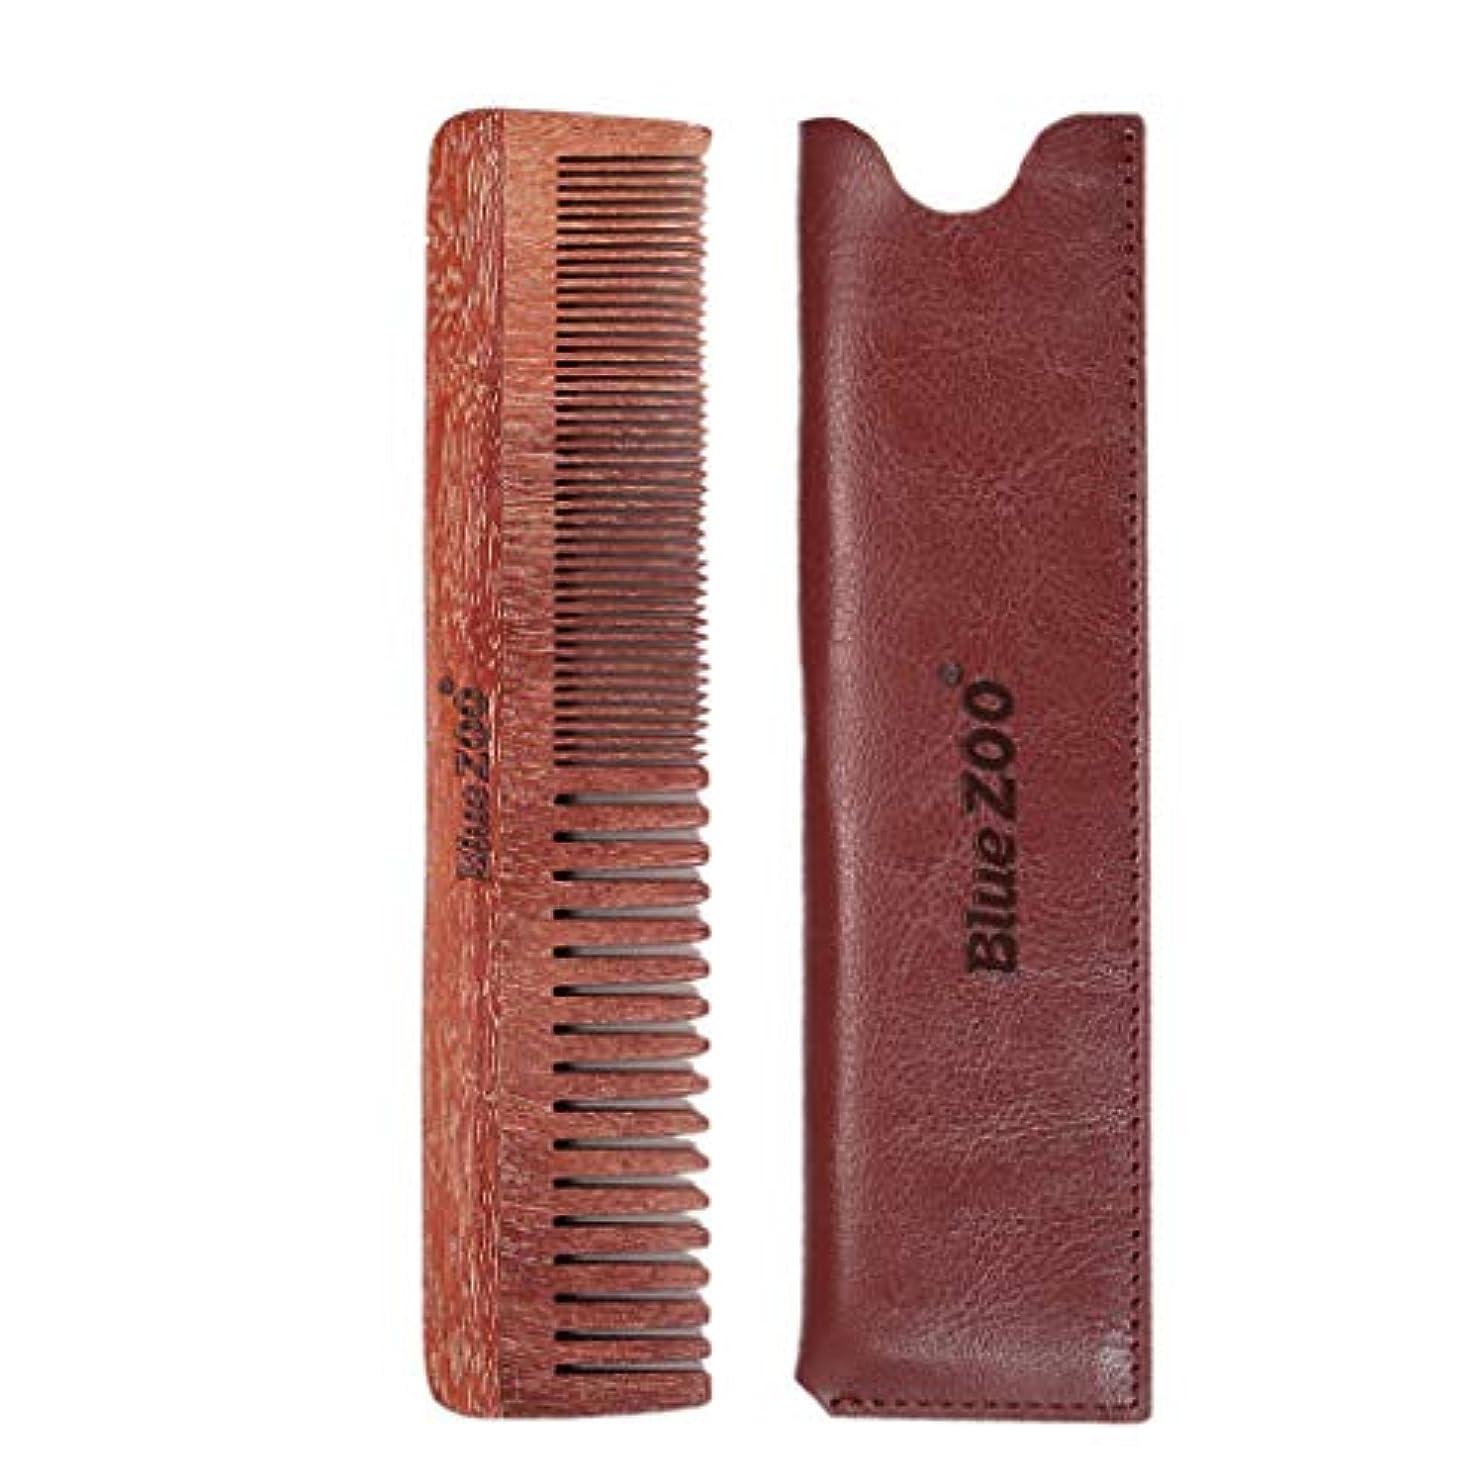 ダイジェストトーストウッドコーム 口ひげ櫛 ダブルサイド メンズ プレゼント 2色選べ - 褐色